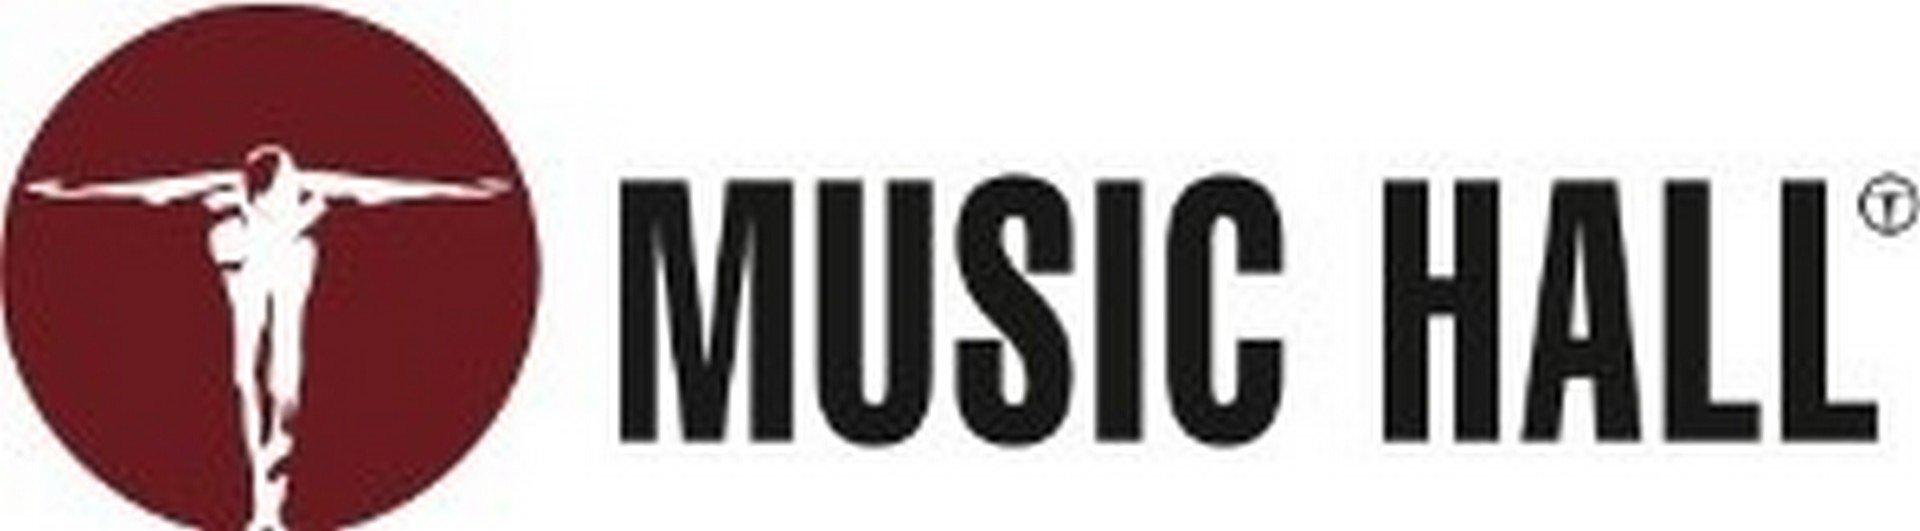 Music Hall Classics pakt uit met tot de verbeelding sprekende opera's - Logo Music Hall